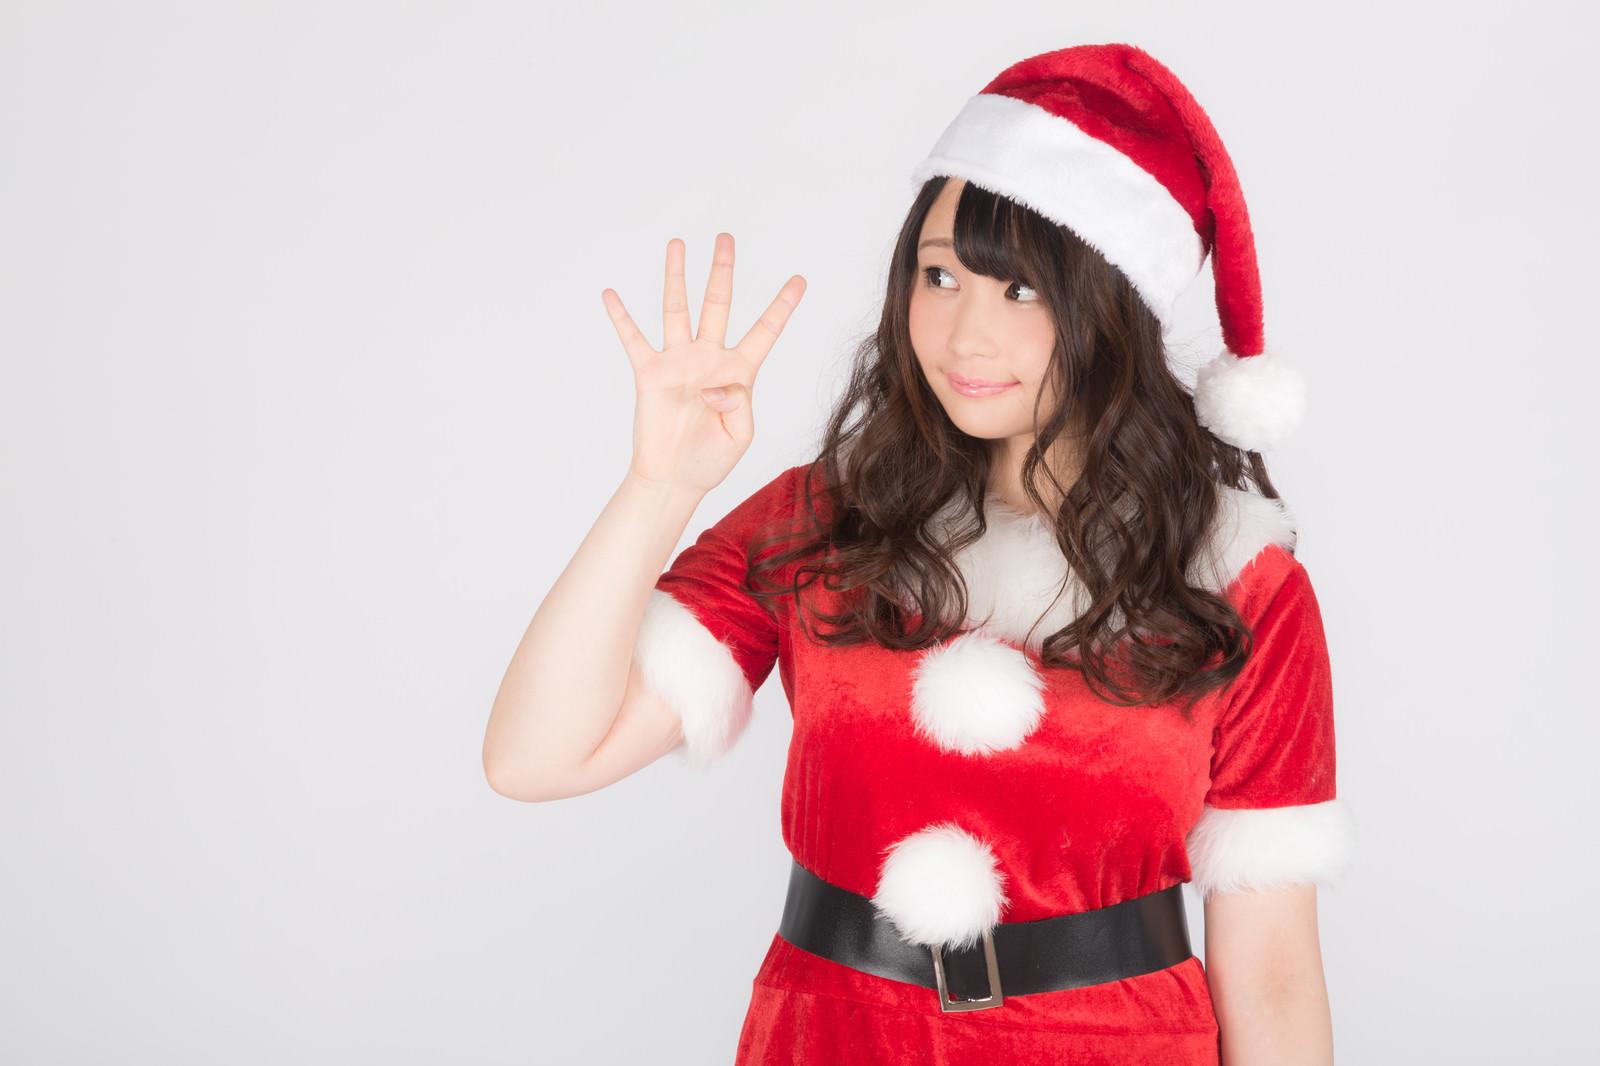 「メリクリまであと4日!女性サンタがお知らせメリクリまであと4日!女性サンタがお知らせ」[モデル:茜さや]のフリー写真素材を拡大